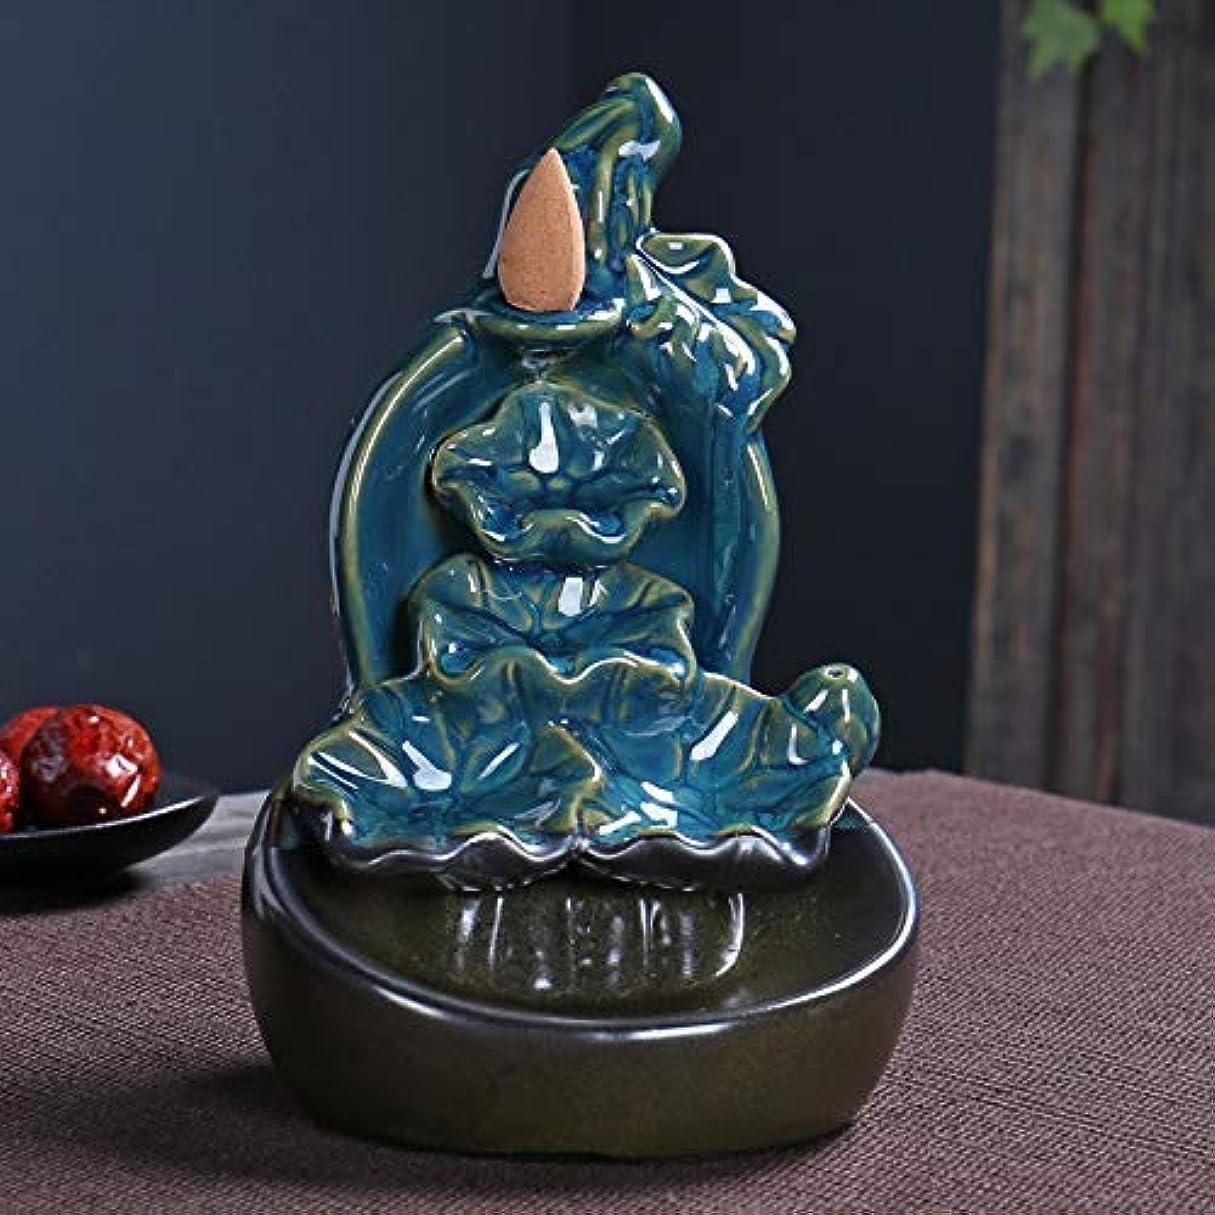 意志に反するトランザクション支配的PHILOGOD 陶器 逆流香炉 蓮の葉クリエイティブスタイリング香炉 お香 ホルダー 香立て